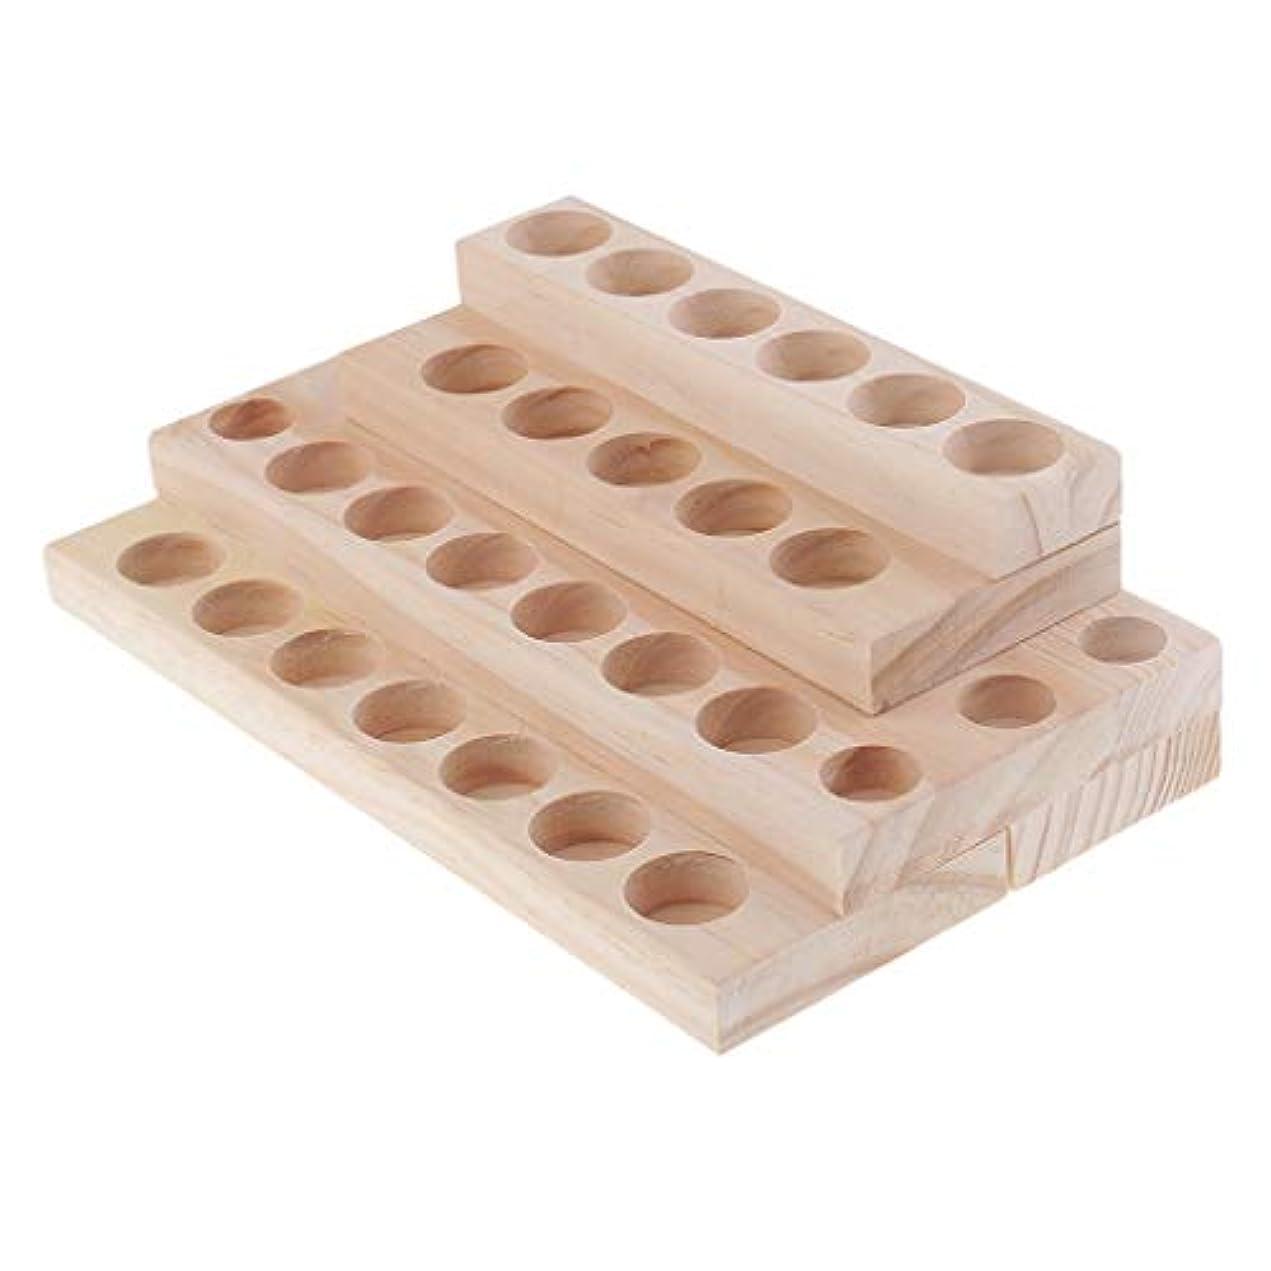 ブロックするオーナメントチャンピオン木製 エッセンシャルオイル 展示ラック 精油 オルガナイザー 陳列台 収納用品 4層